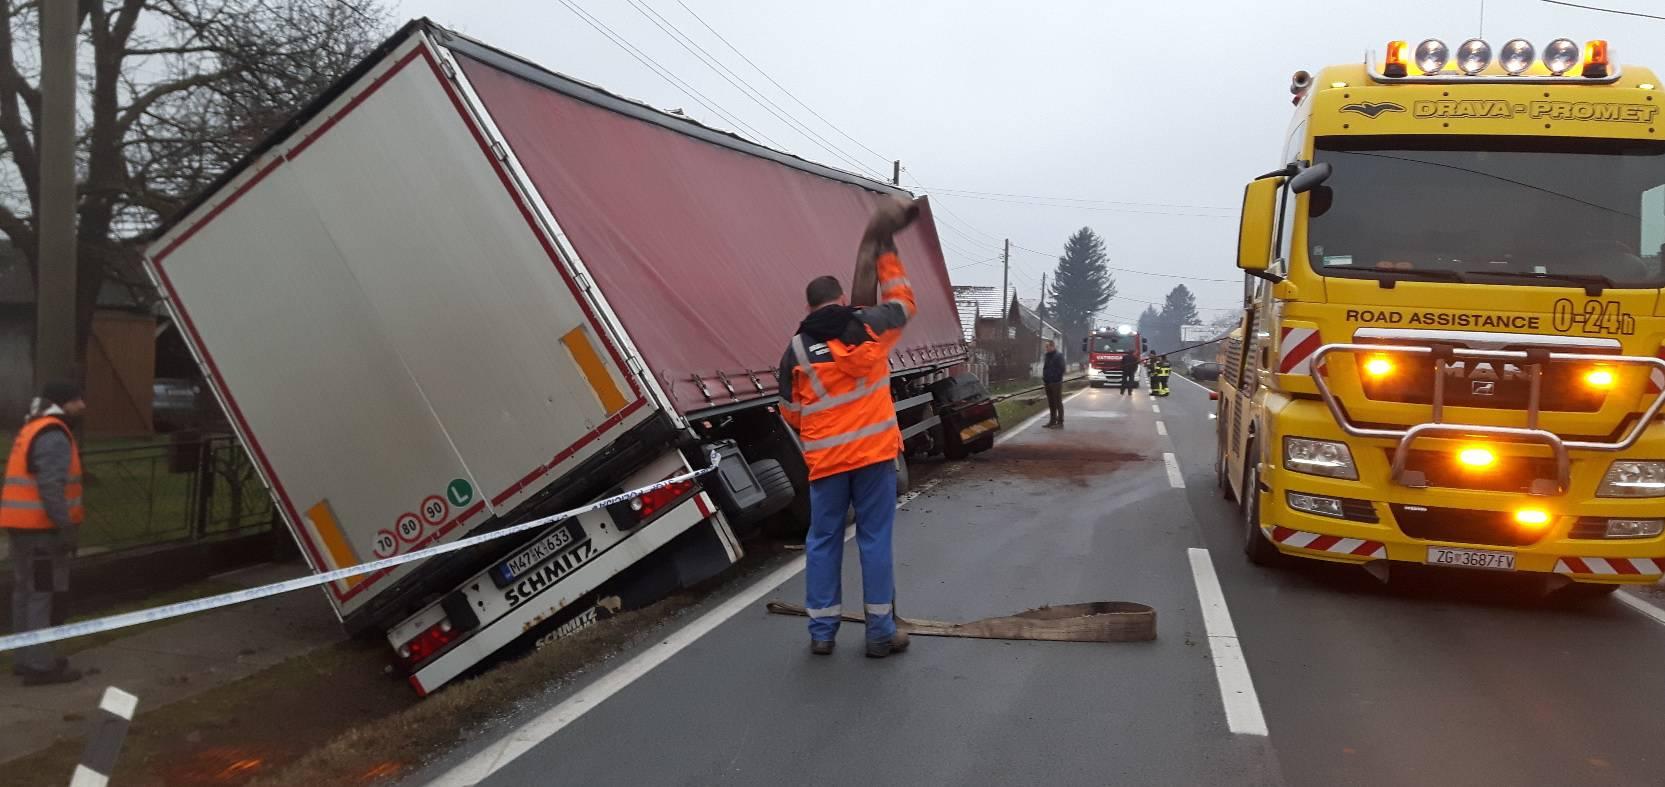 Na ravnom dijelu ceste sletio u jarak, srećom nema ozlijeđenih